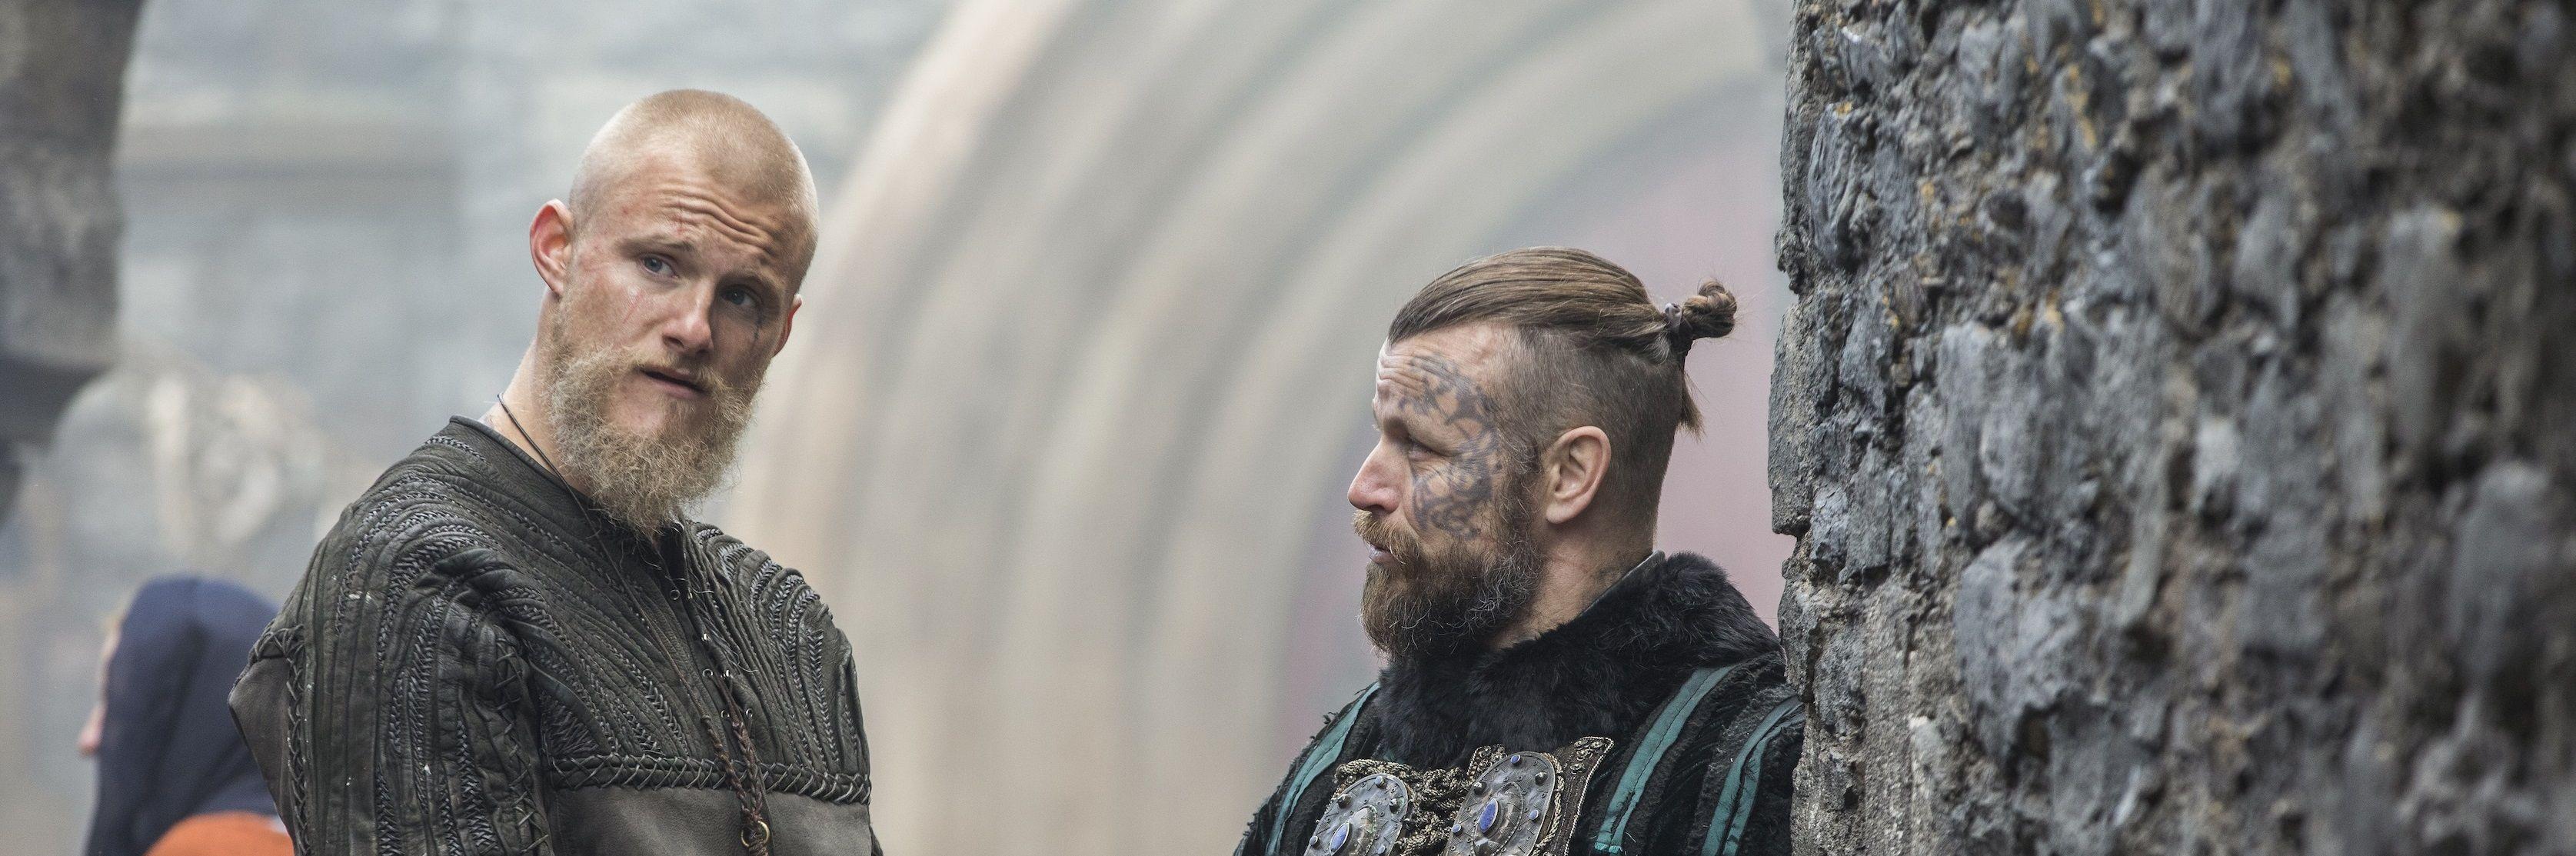 Vikings : le résumé de l'épisode 17 de la saison 5